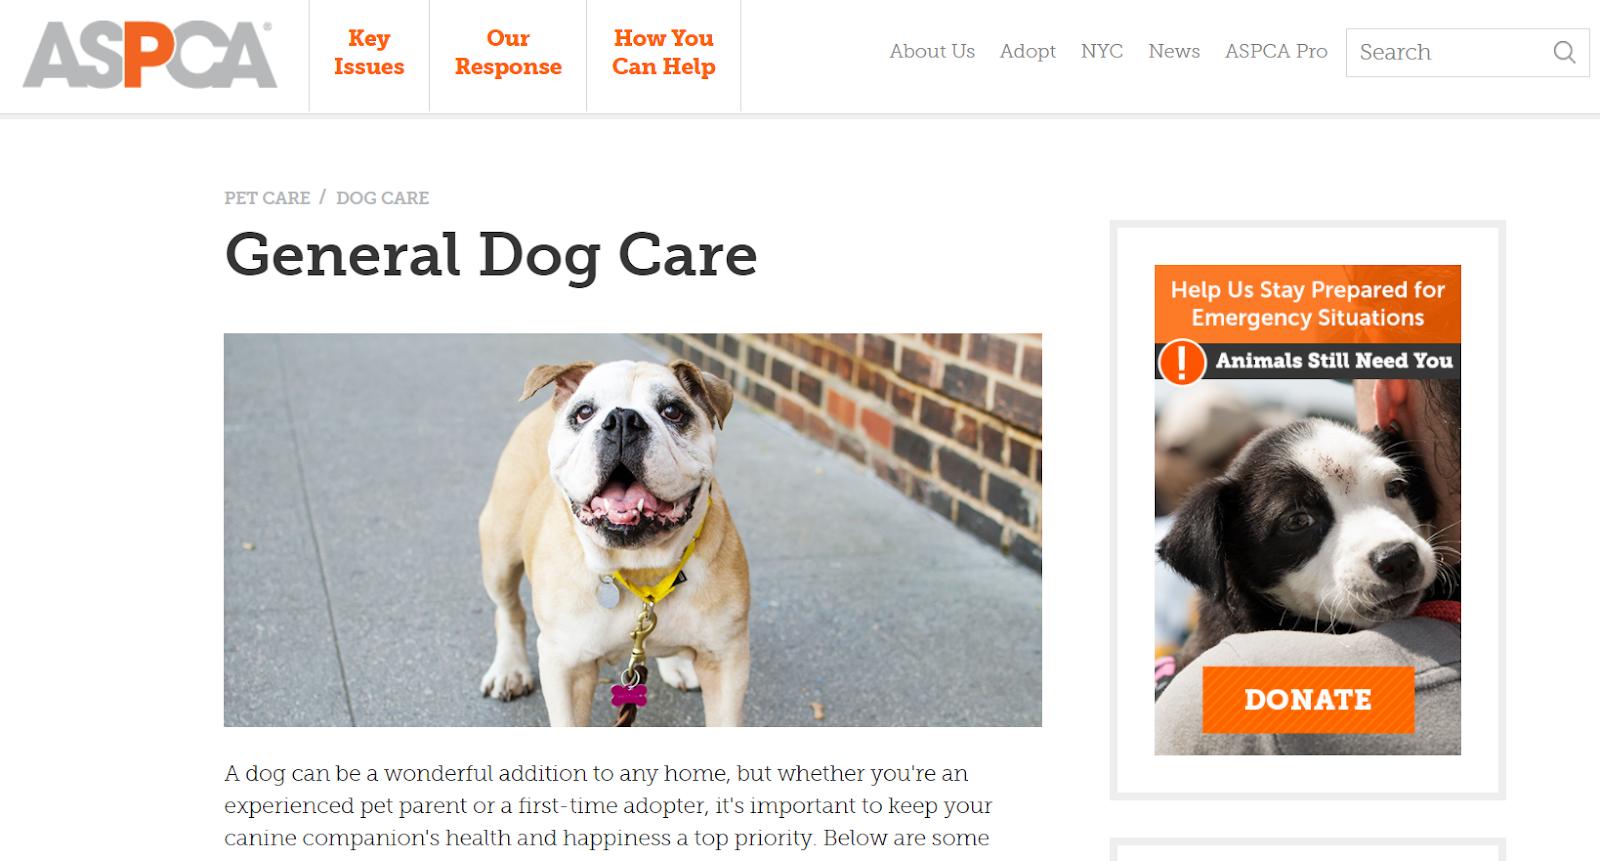 Liên kết quảng cáo về chăm sóc sức khỏe cho vật nuôi